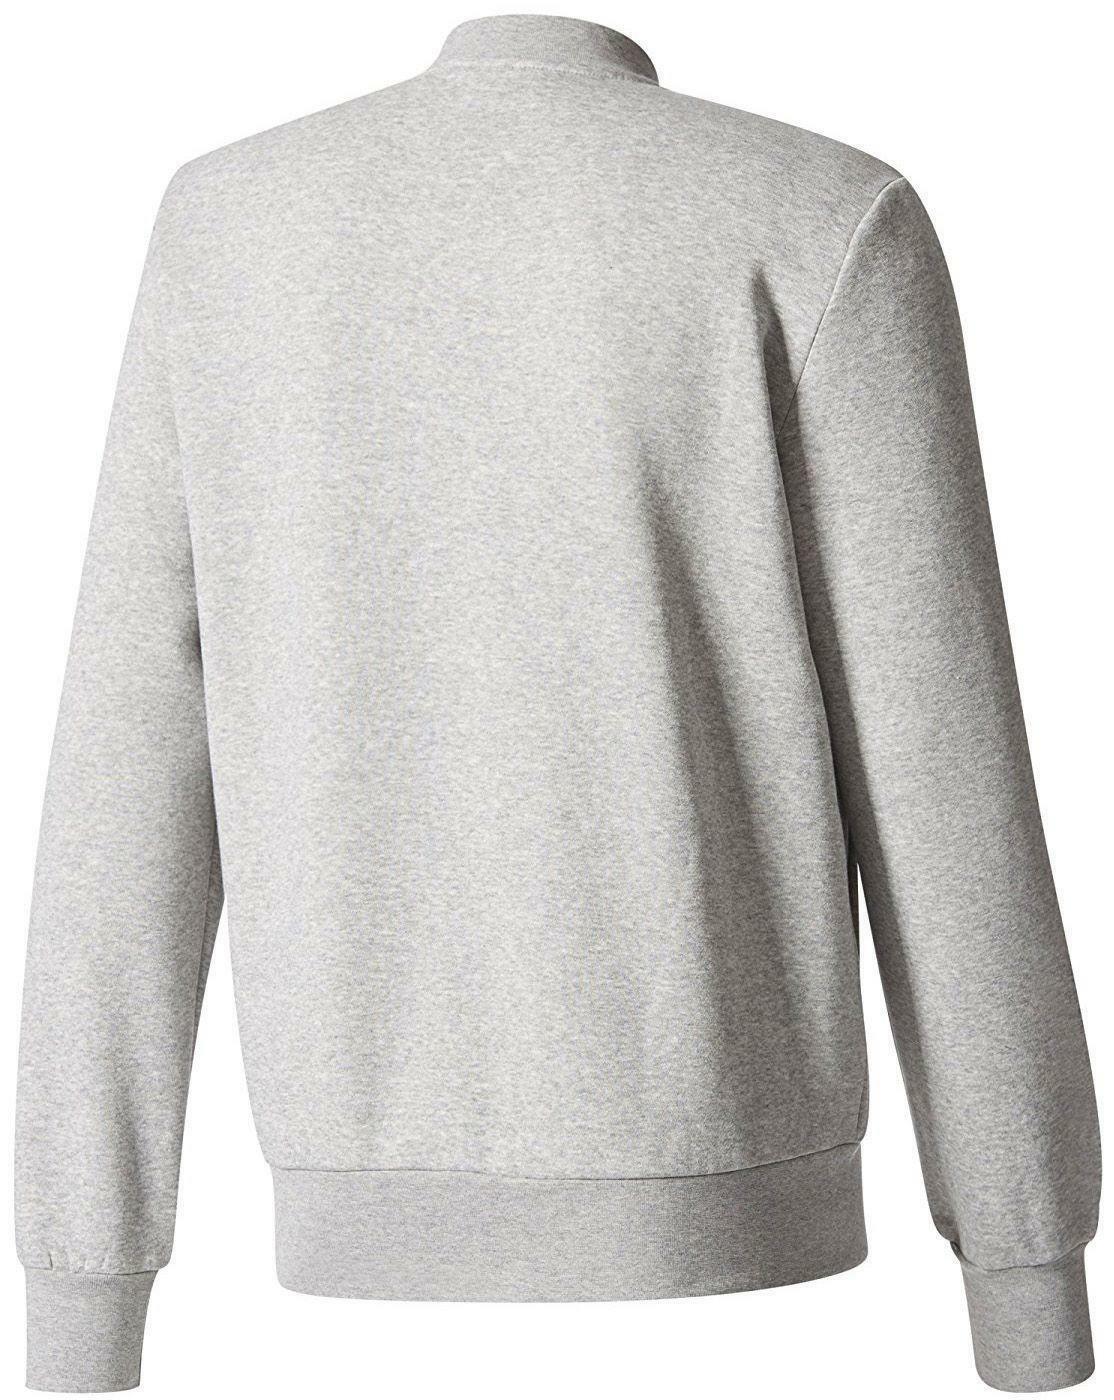 adidas bomber giacchetto zip felpato uomo grigio bs2216